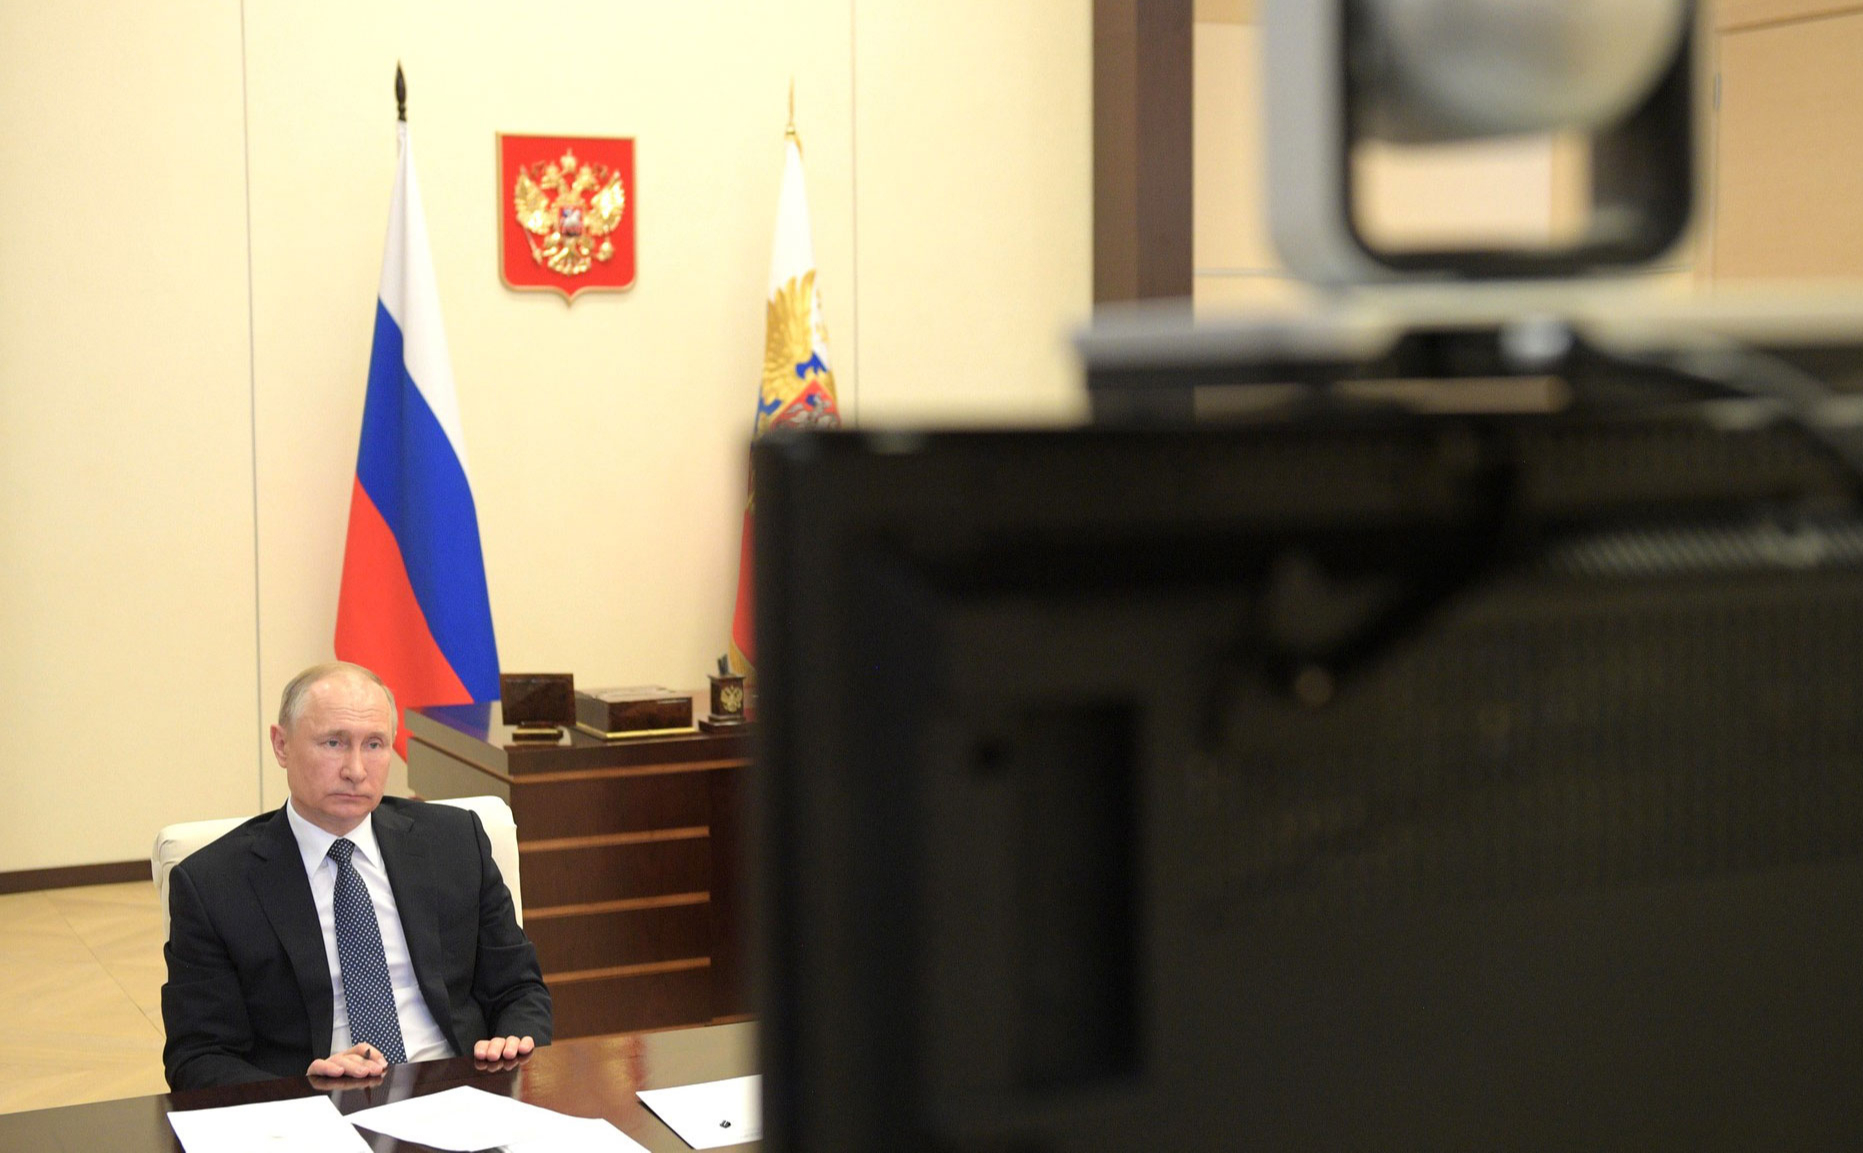 Путин описал ситуацию с коронавирусом фразой «Вся страна— вирусологи»